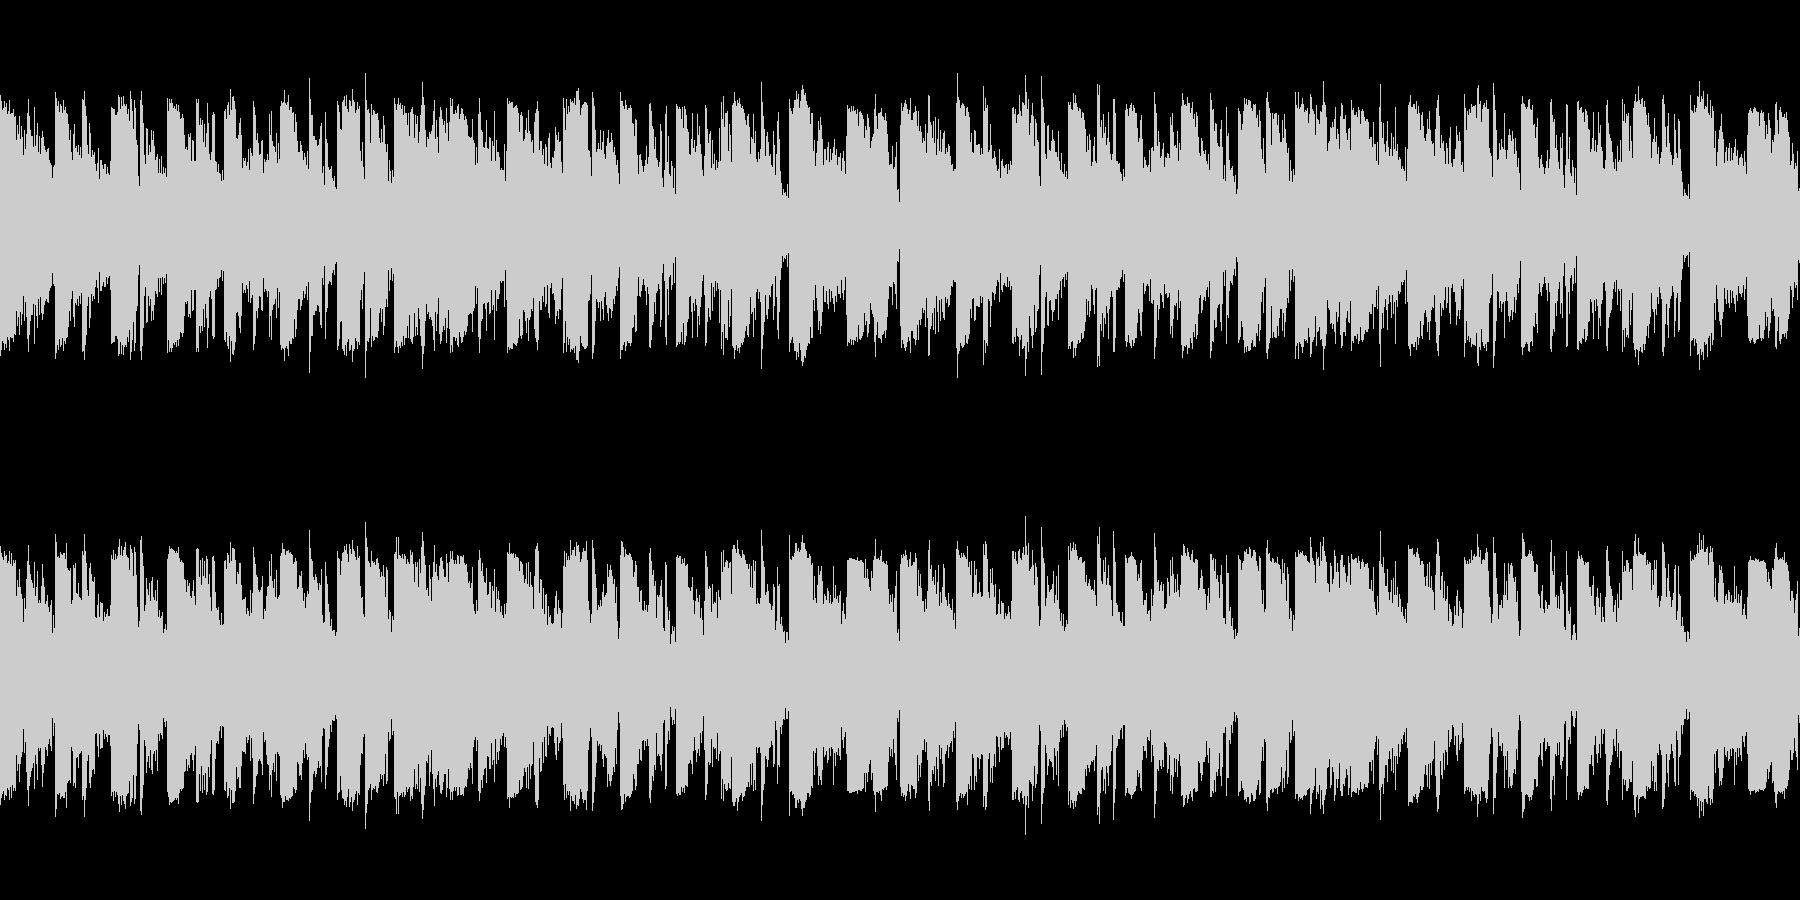 「クセのないデジタルダンスLoop曲」の未再生の波形